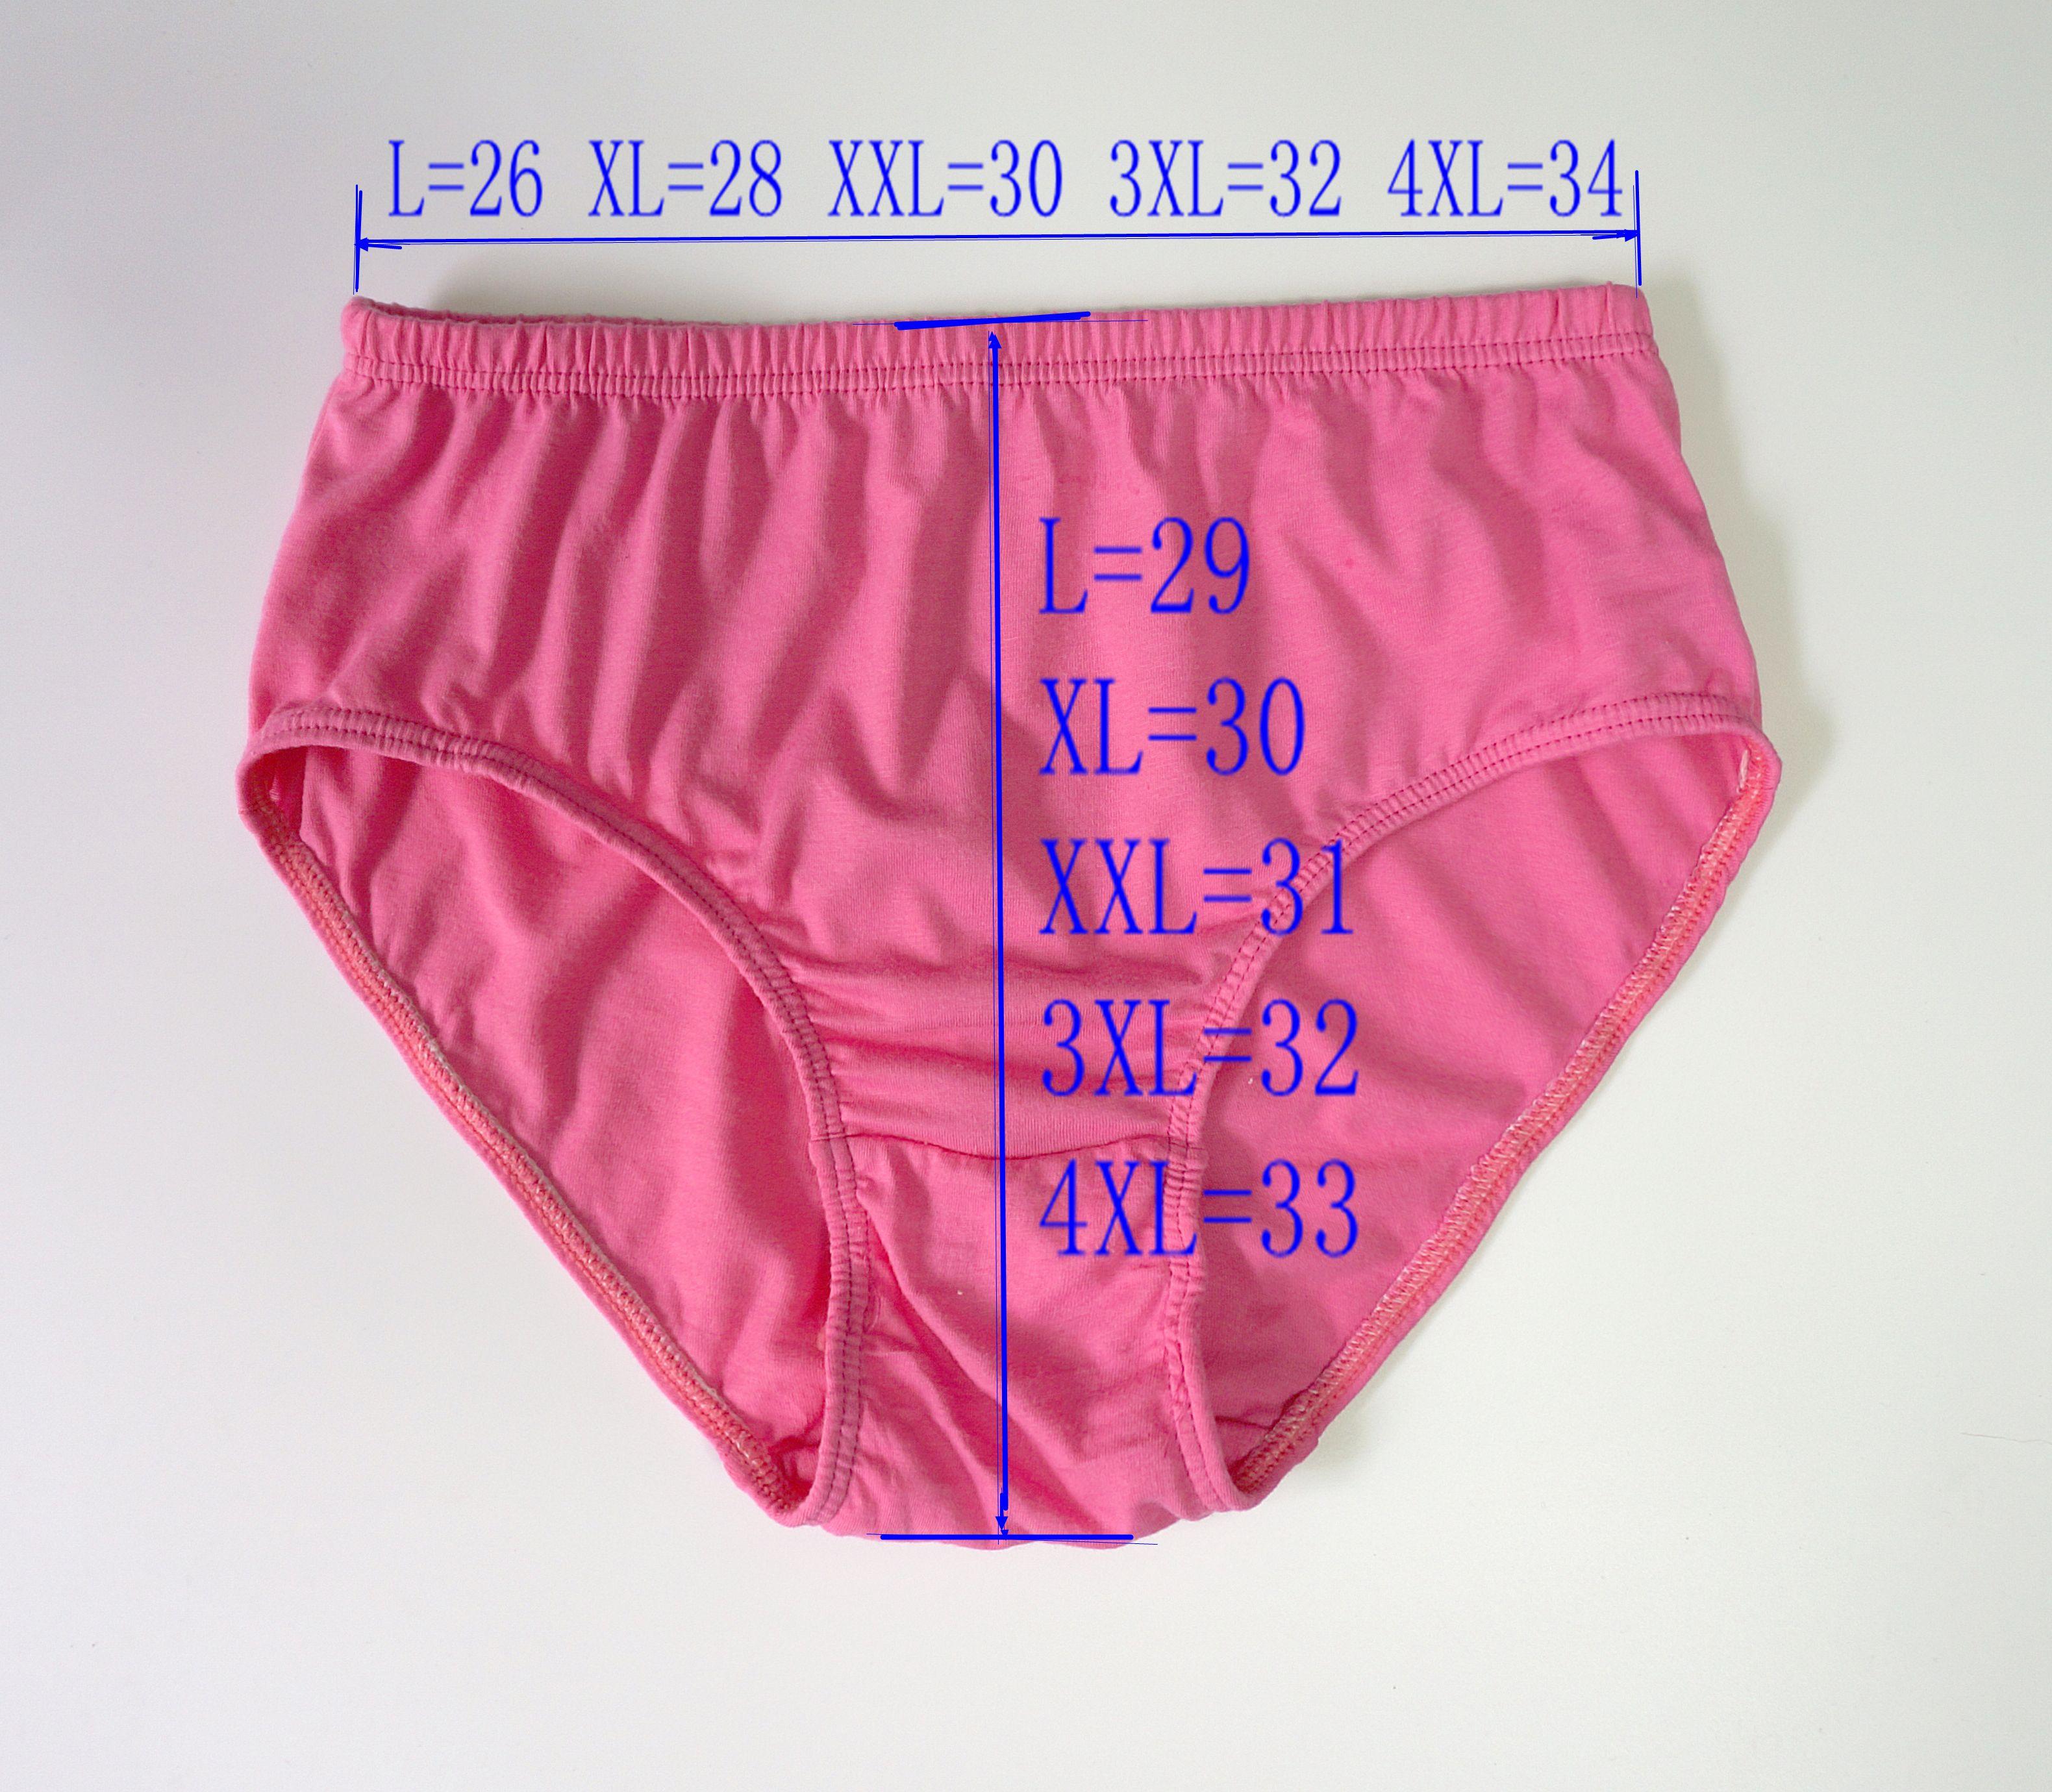 01379a0c2f6 USD 9.75  Cotton cotton underwear large size plus fertilizer ...